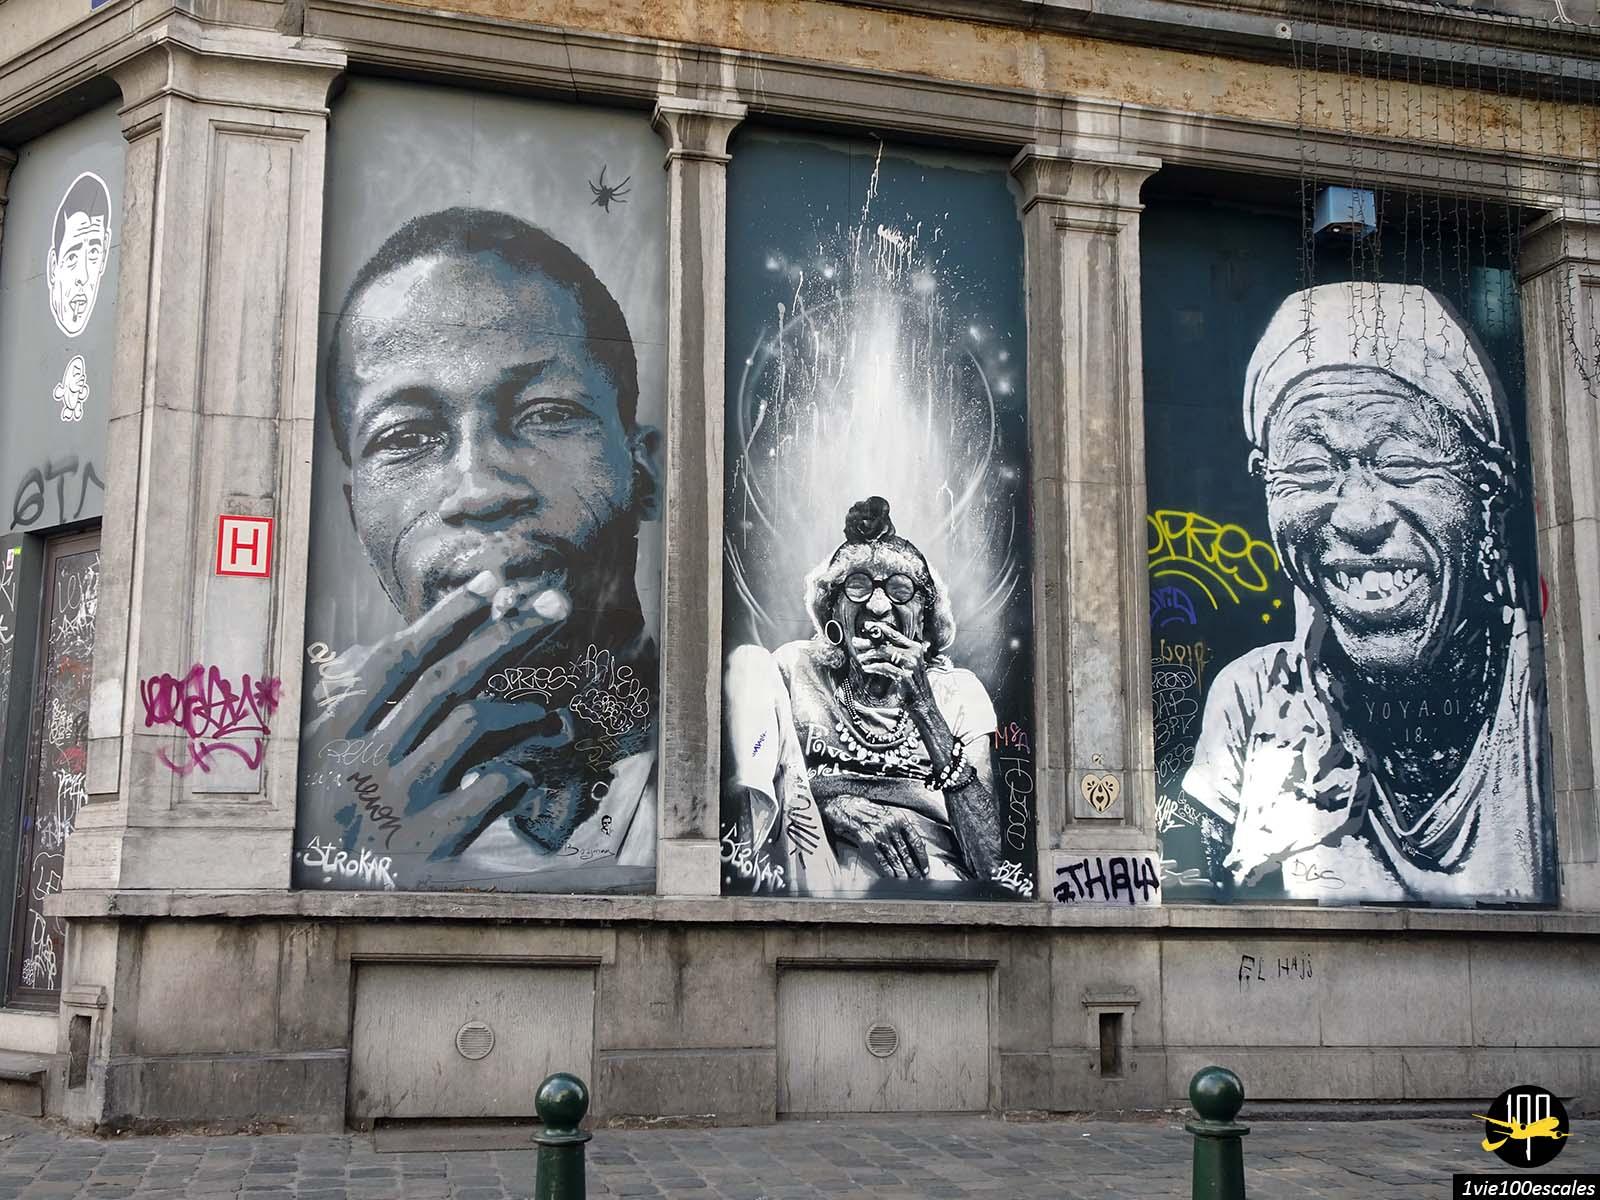 Le street art ethnique dans le centre ville de Bruxelles